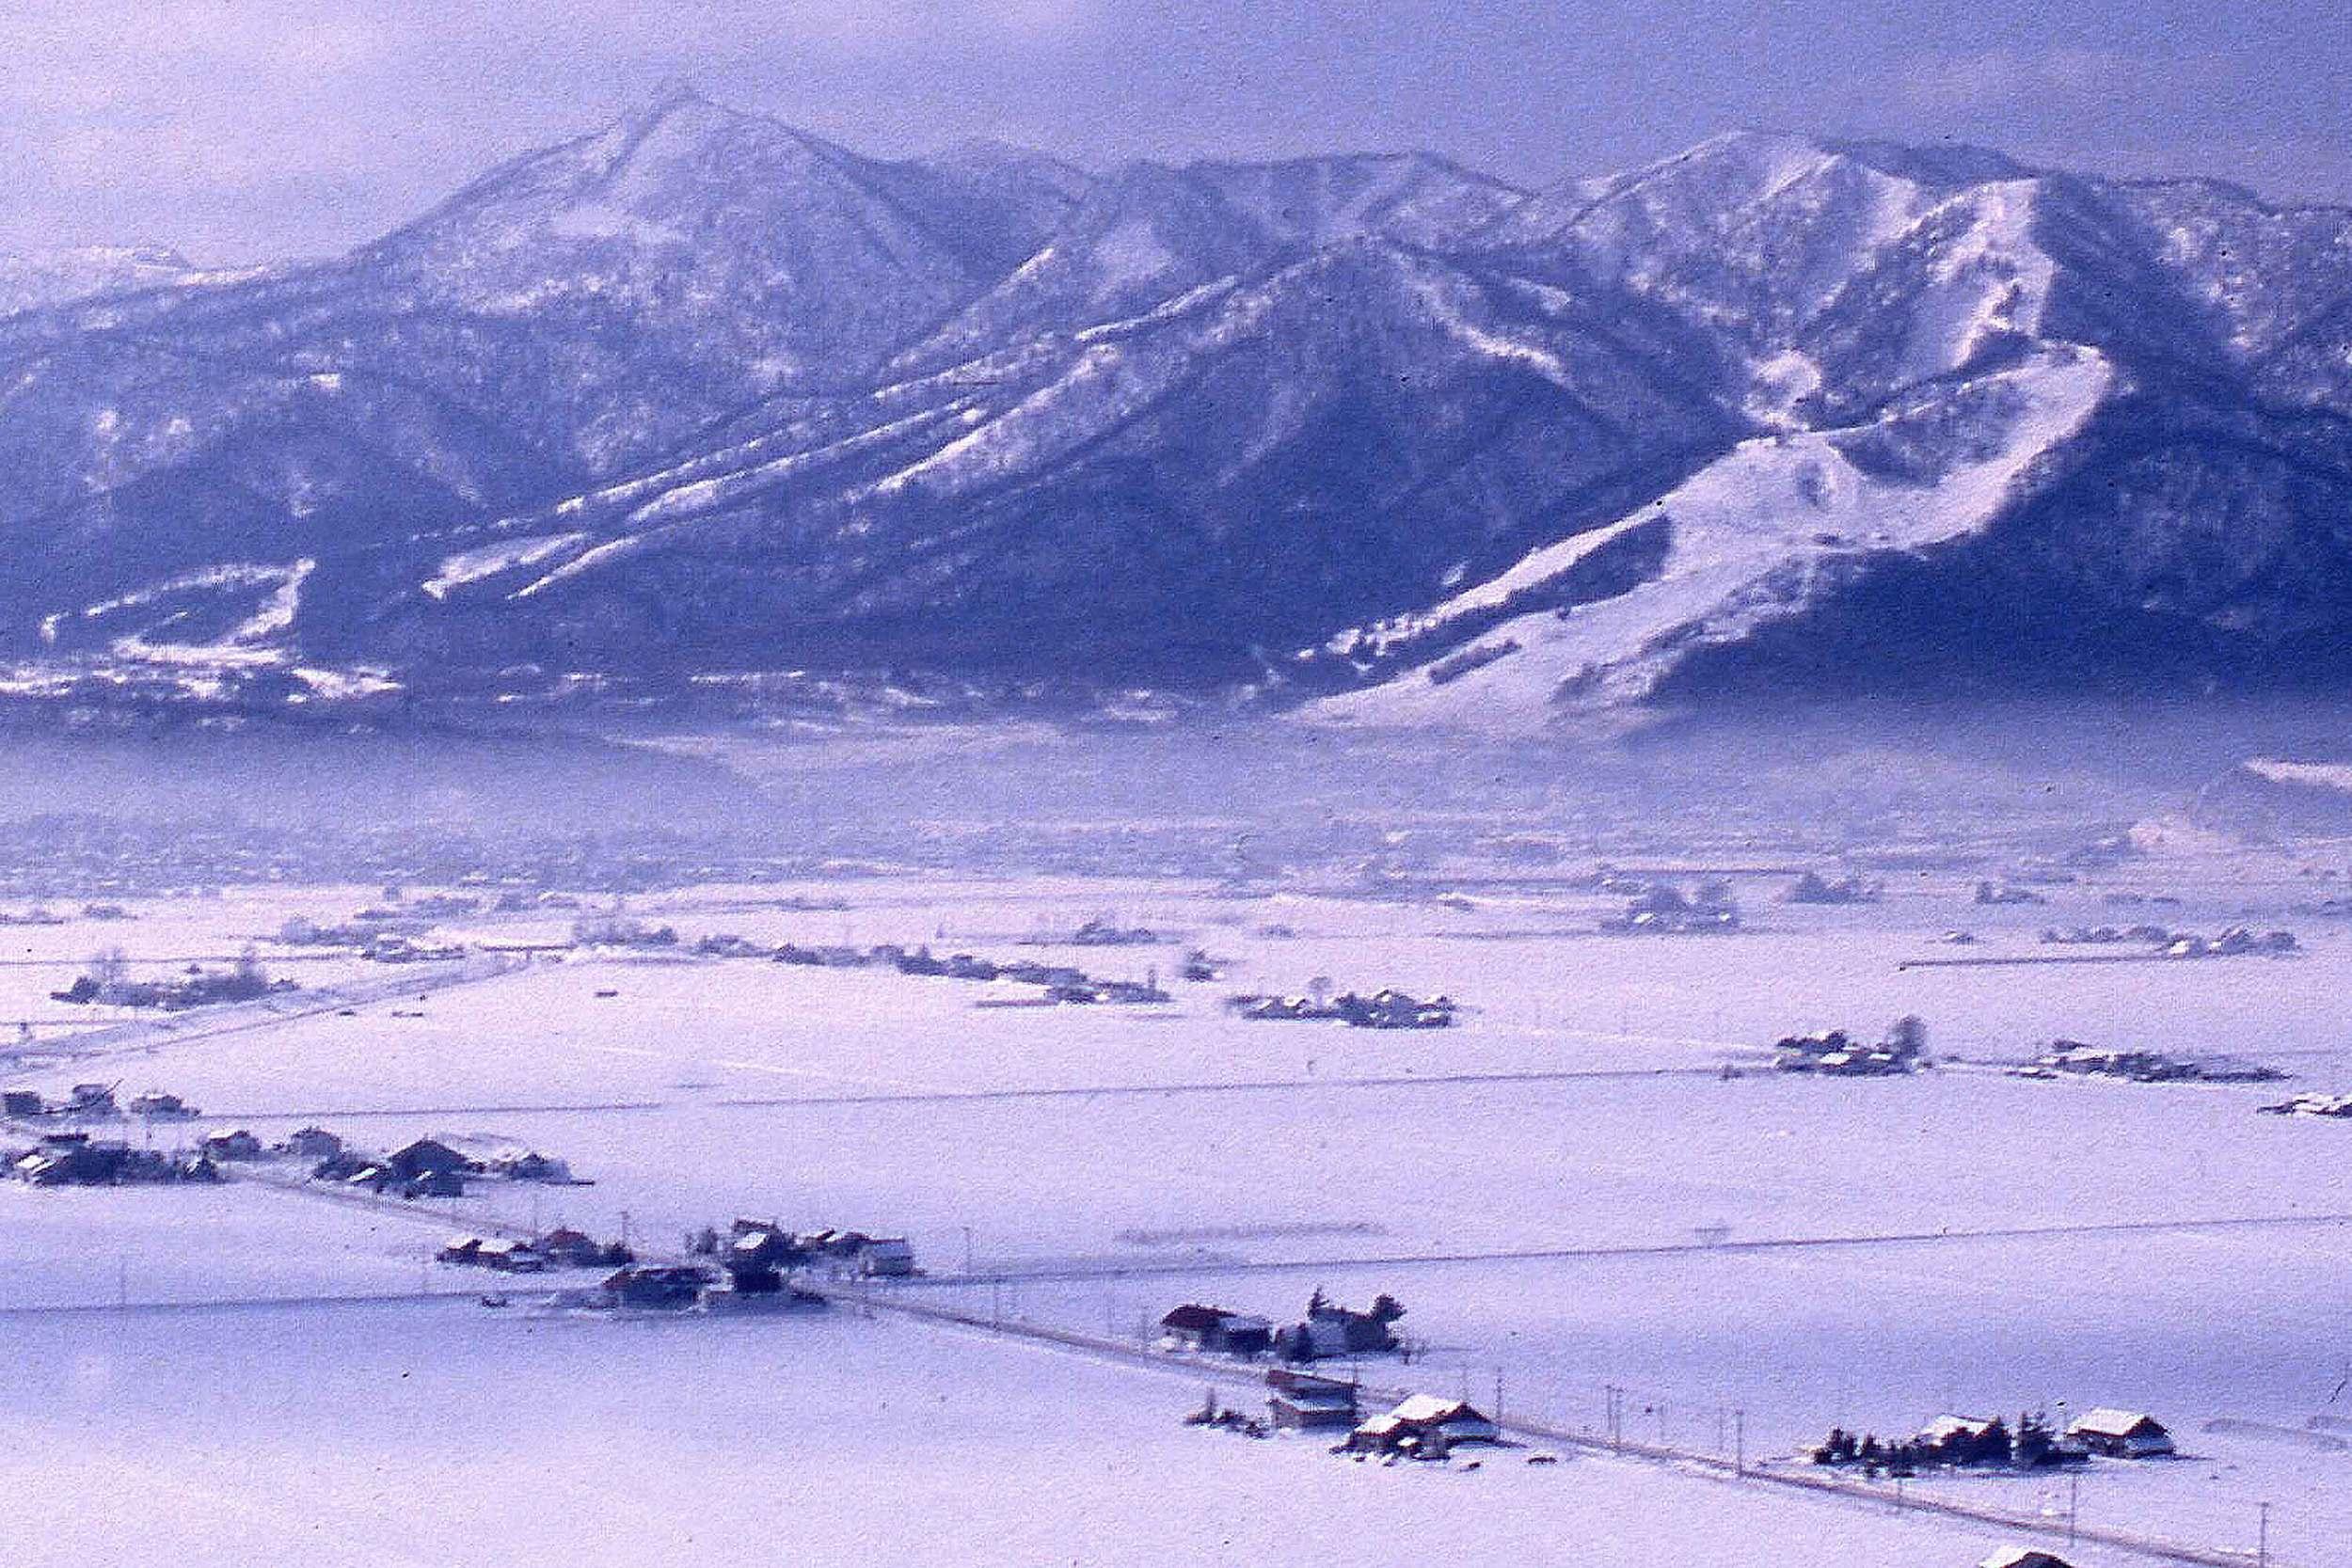 Furano Resort & The Yubari Range.